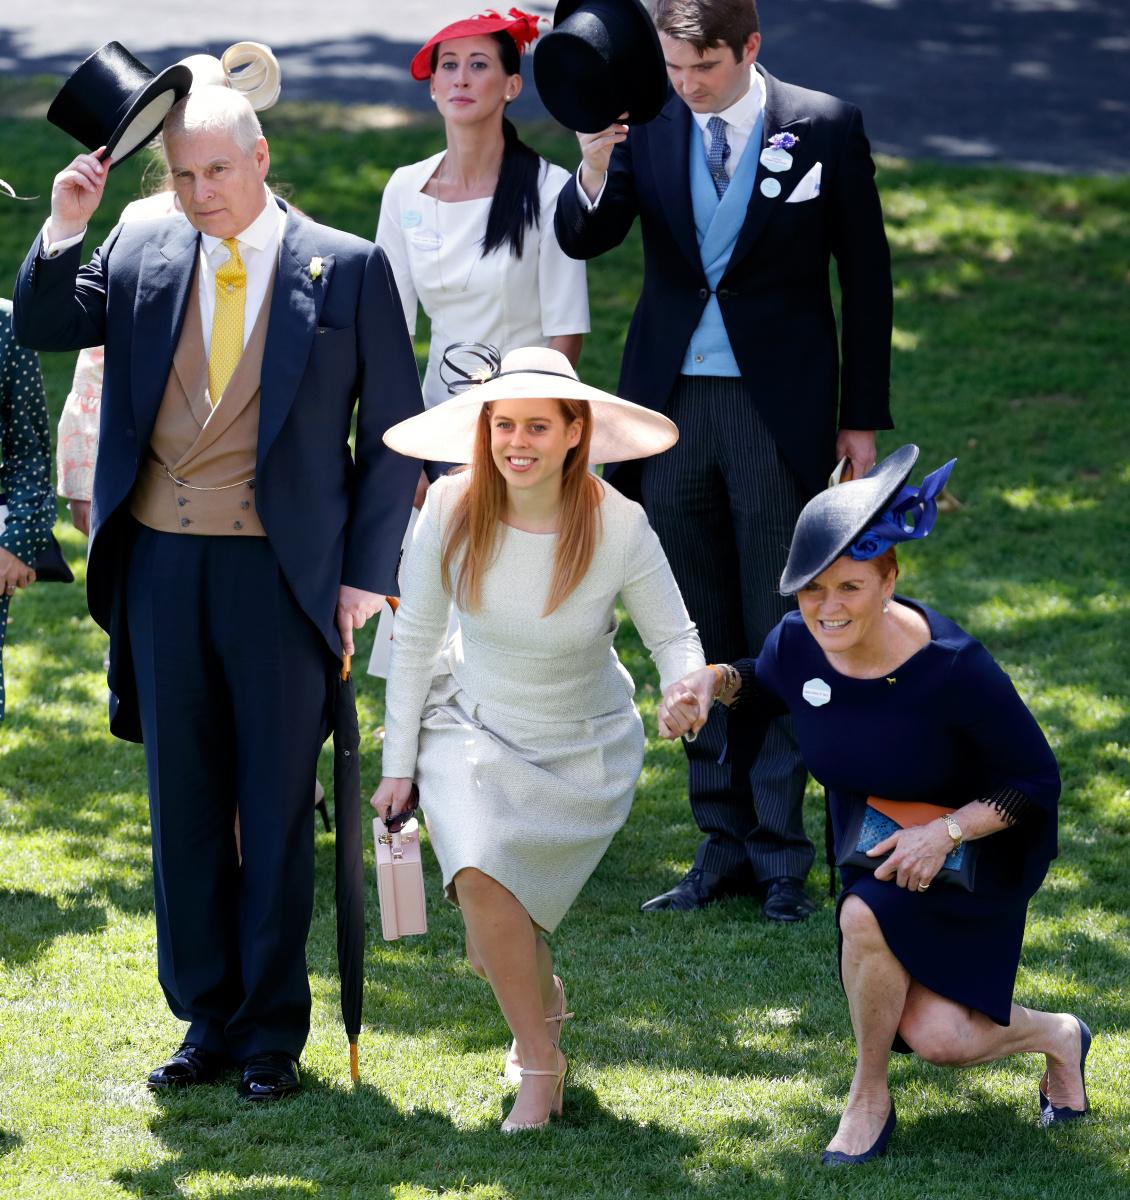 Prince Andrew Princess Beatrice Sarah Ferguson